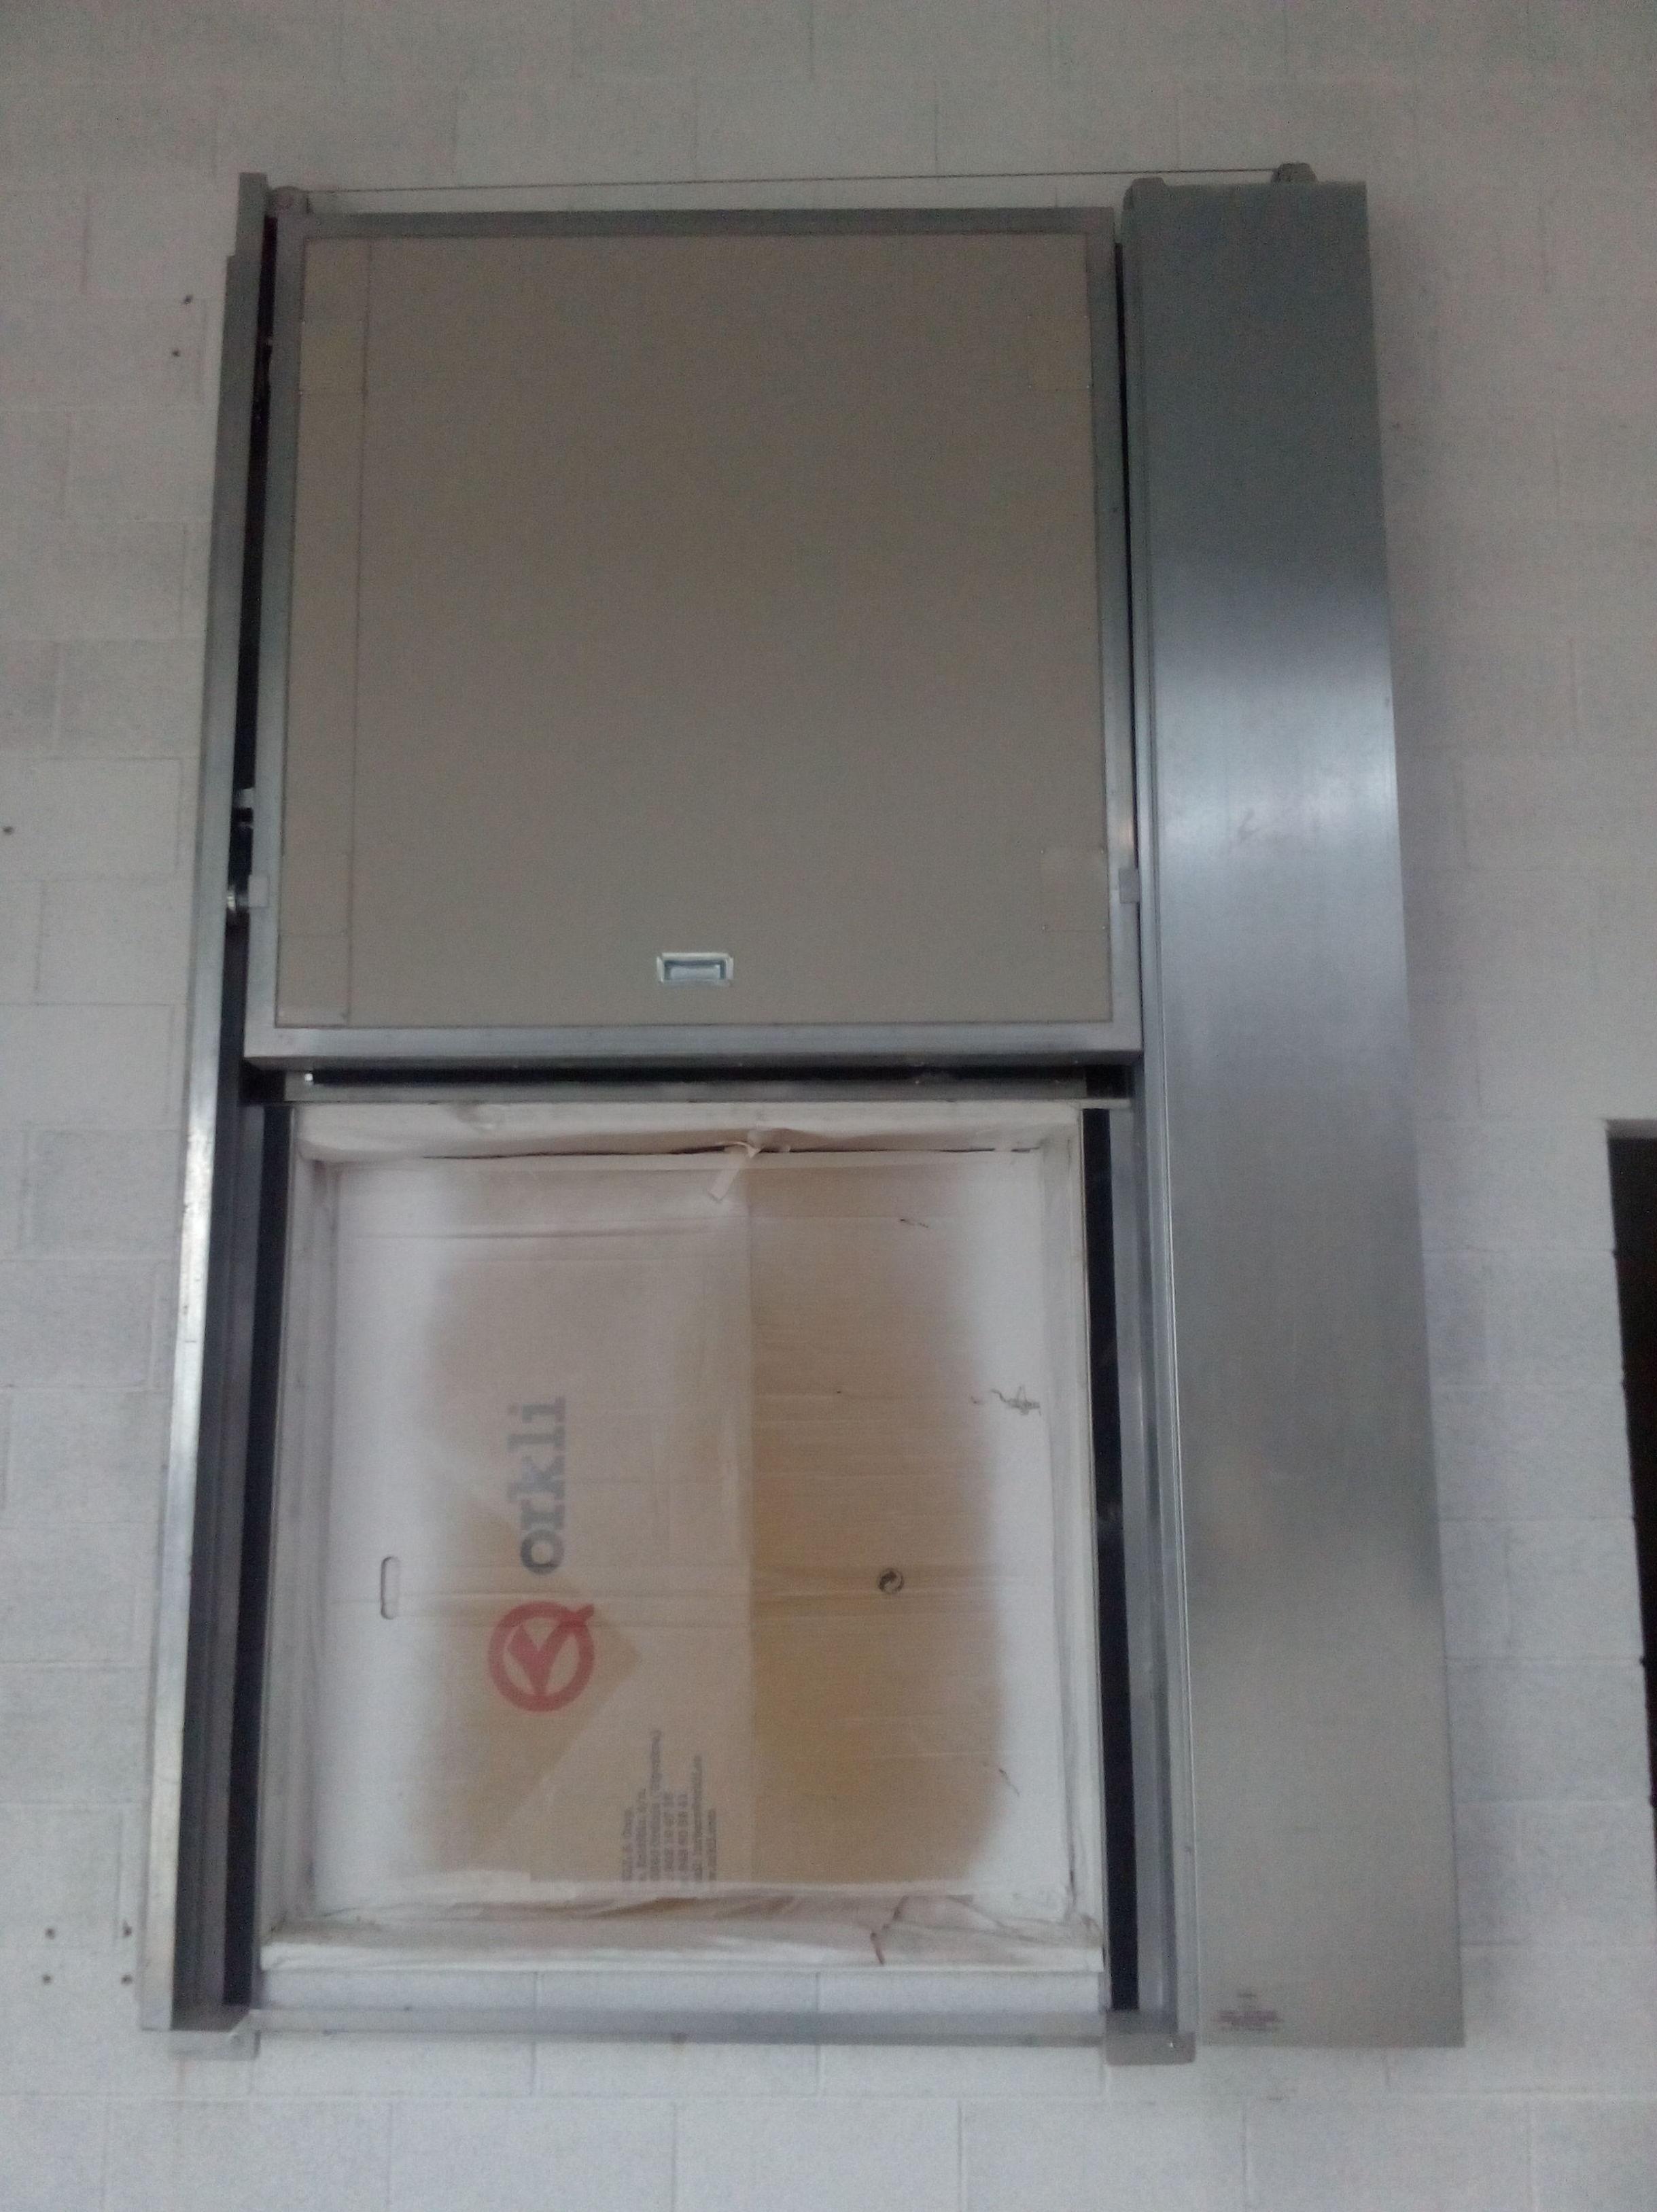 Puerta cortafuegos guillotina vertical , cierre por fusible térmico a los 68º , resistencia al fuego 90 minutos